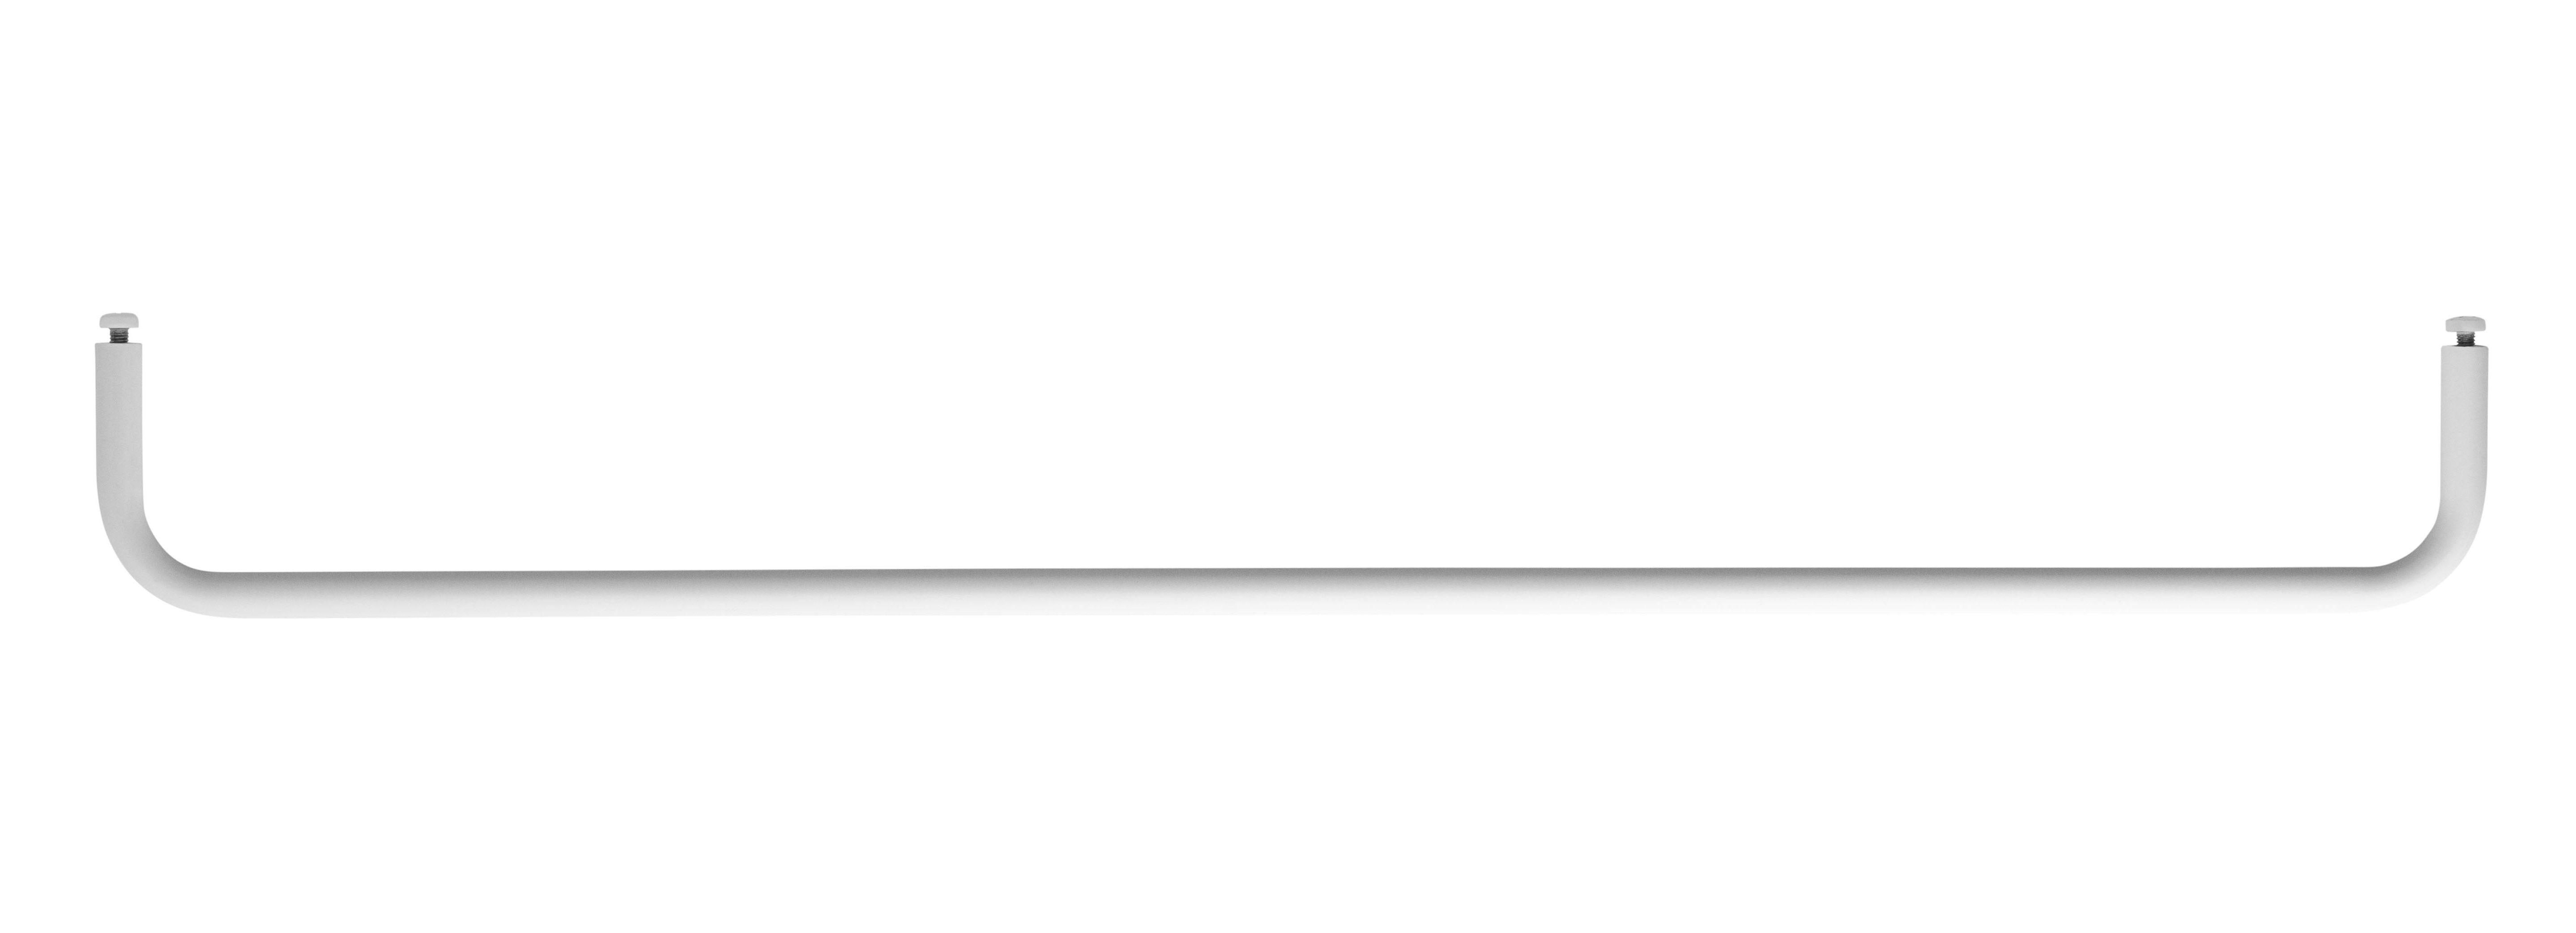 Arredamento - Scaffali e librerie - Sospensione bar Large - / L 78 cm - Per mensole in metallo traforato di String Furniture - L 78 cm / Bianco - metallo laccato